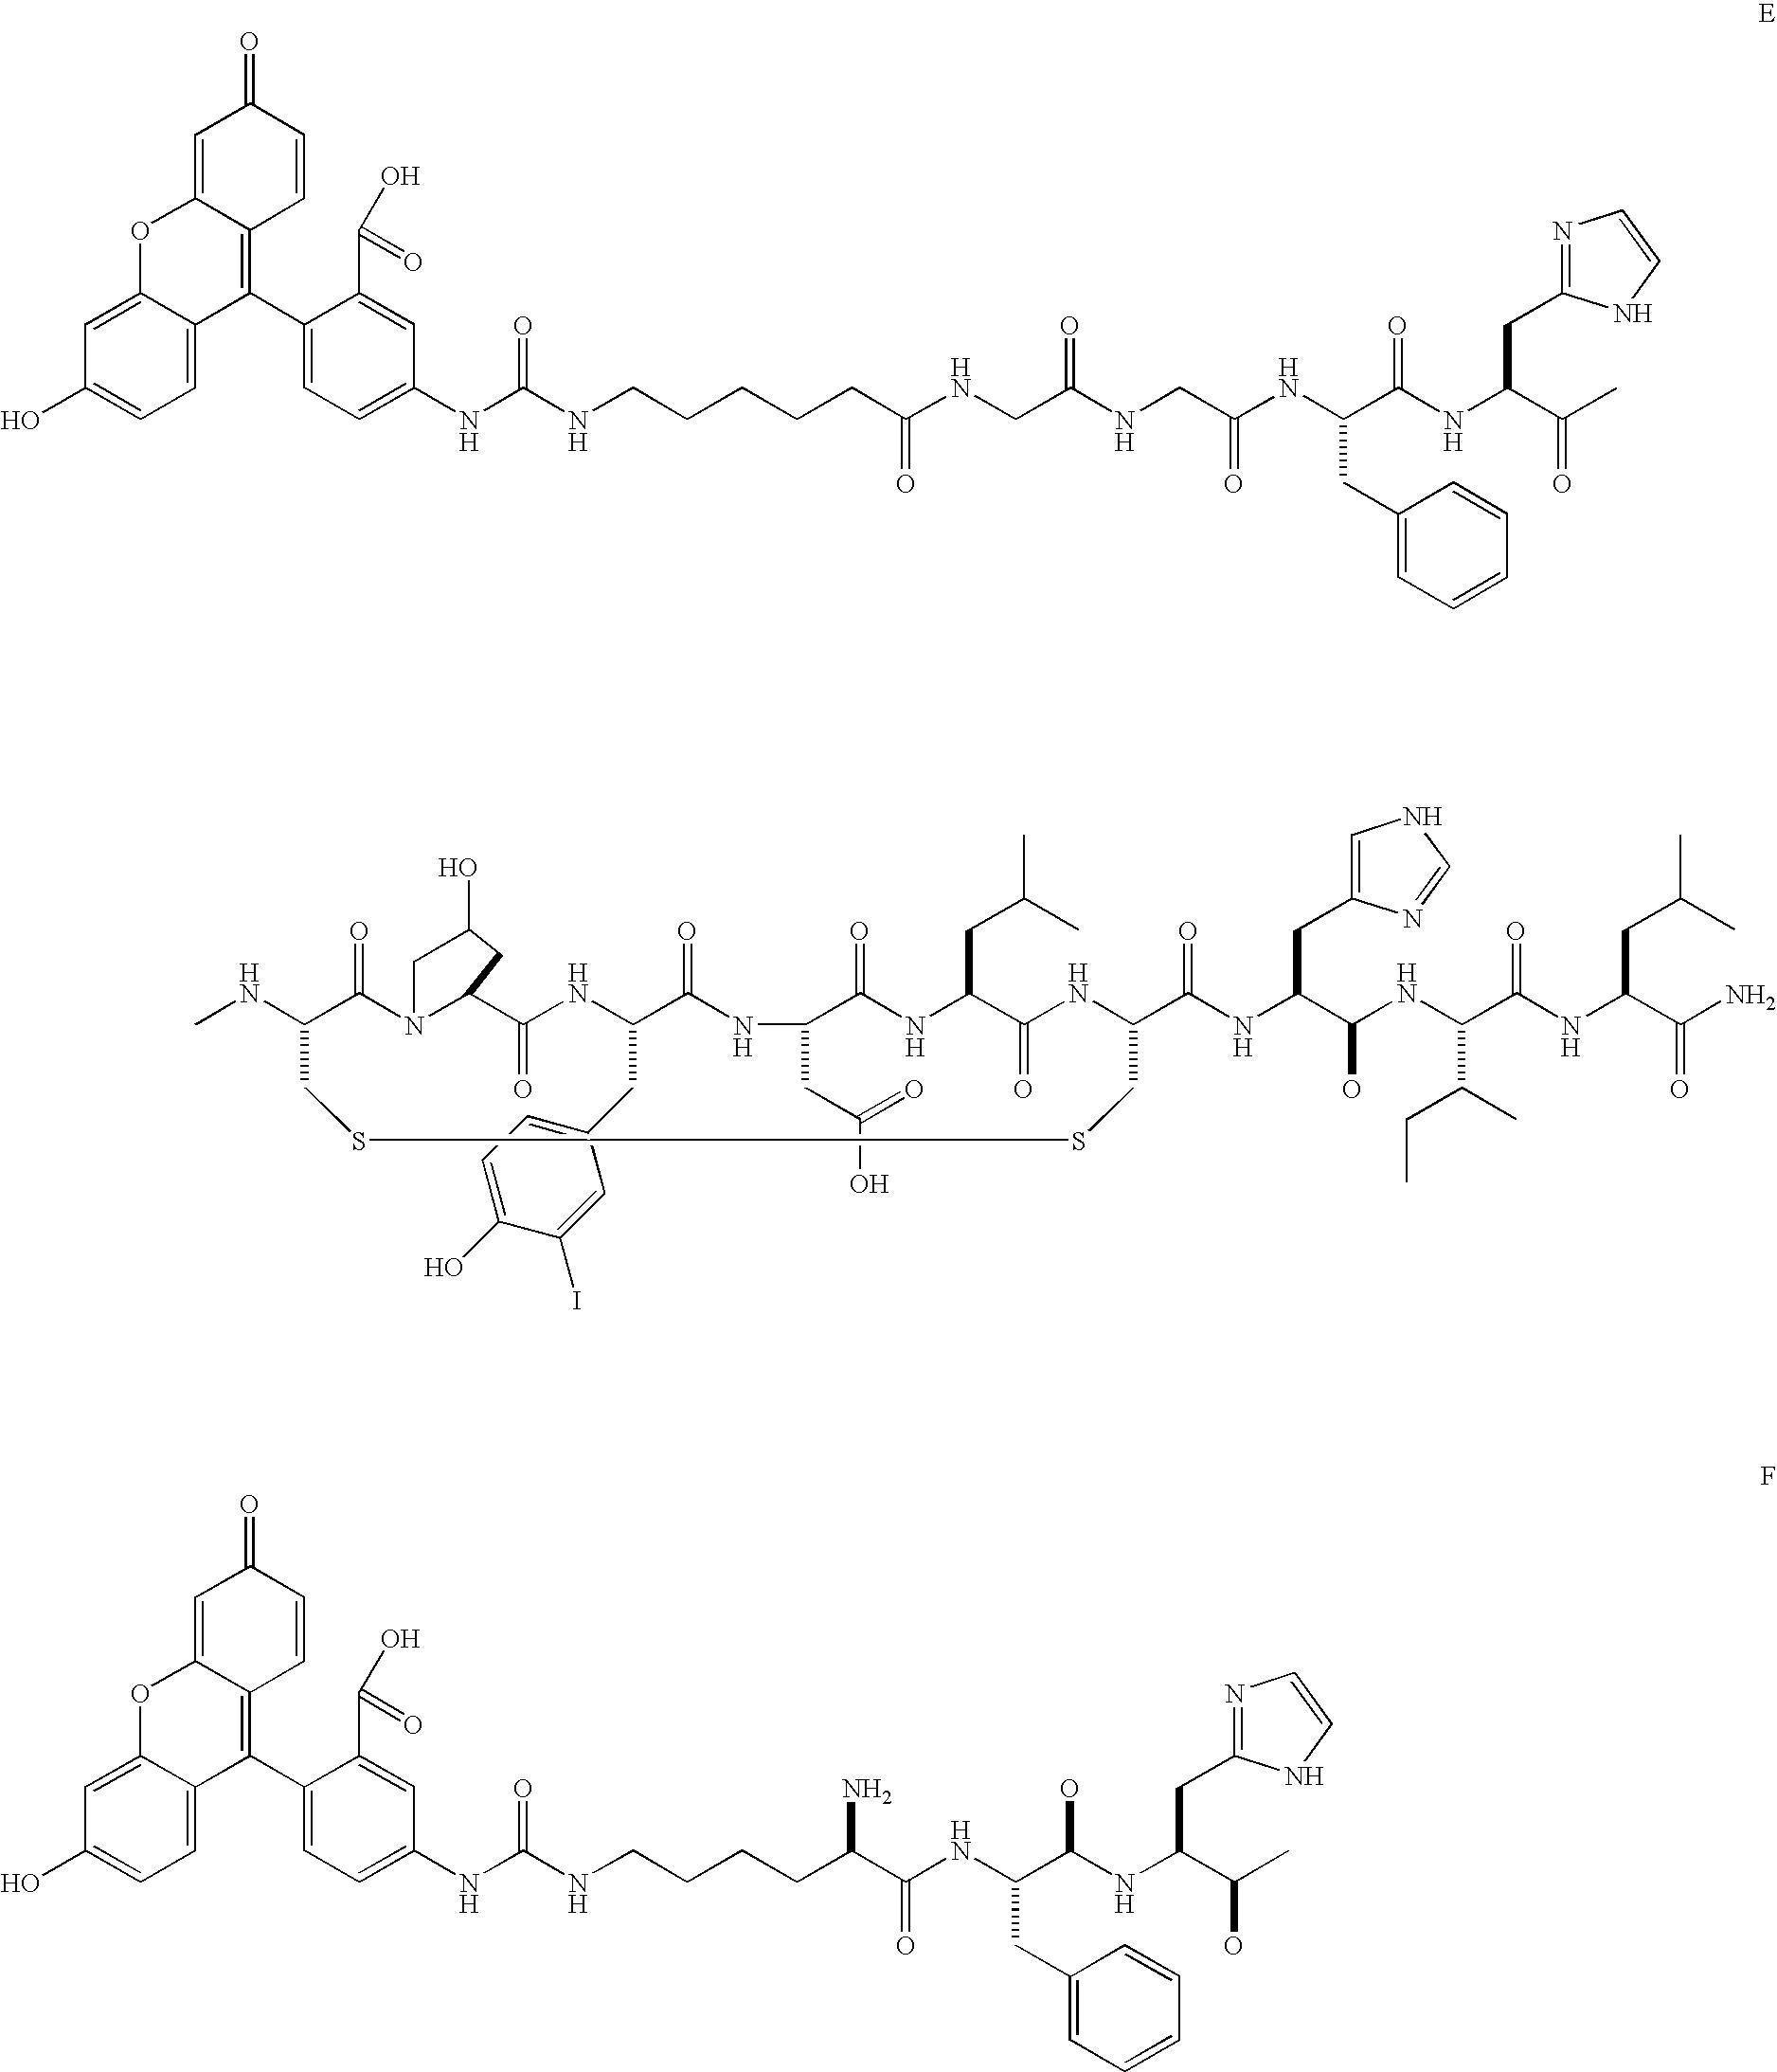 Figure US20030180222A1-20030925-C00141